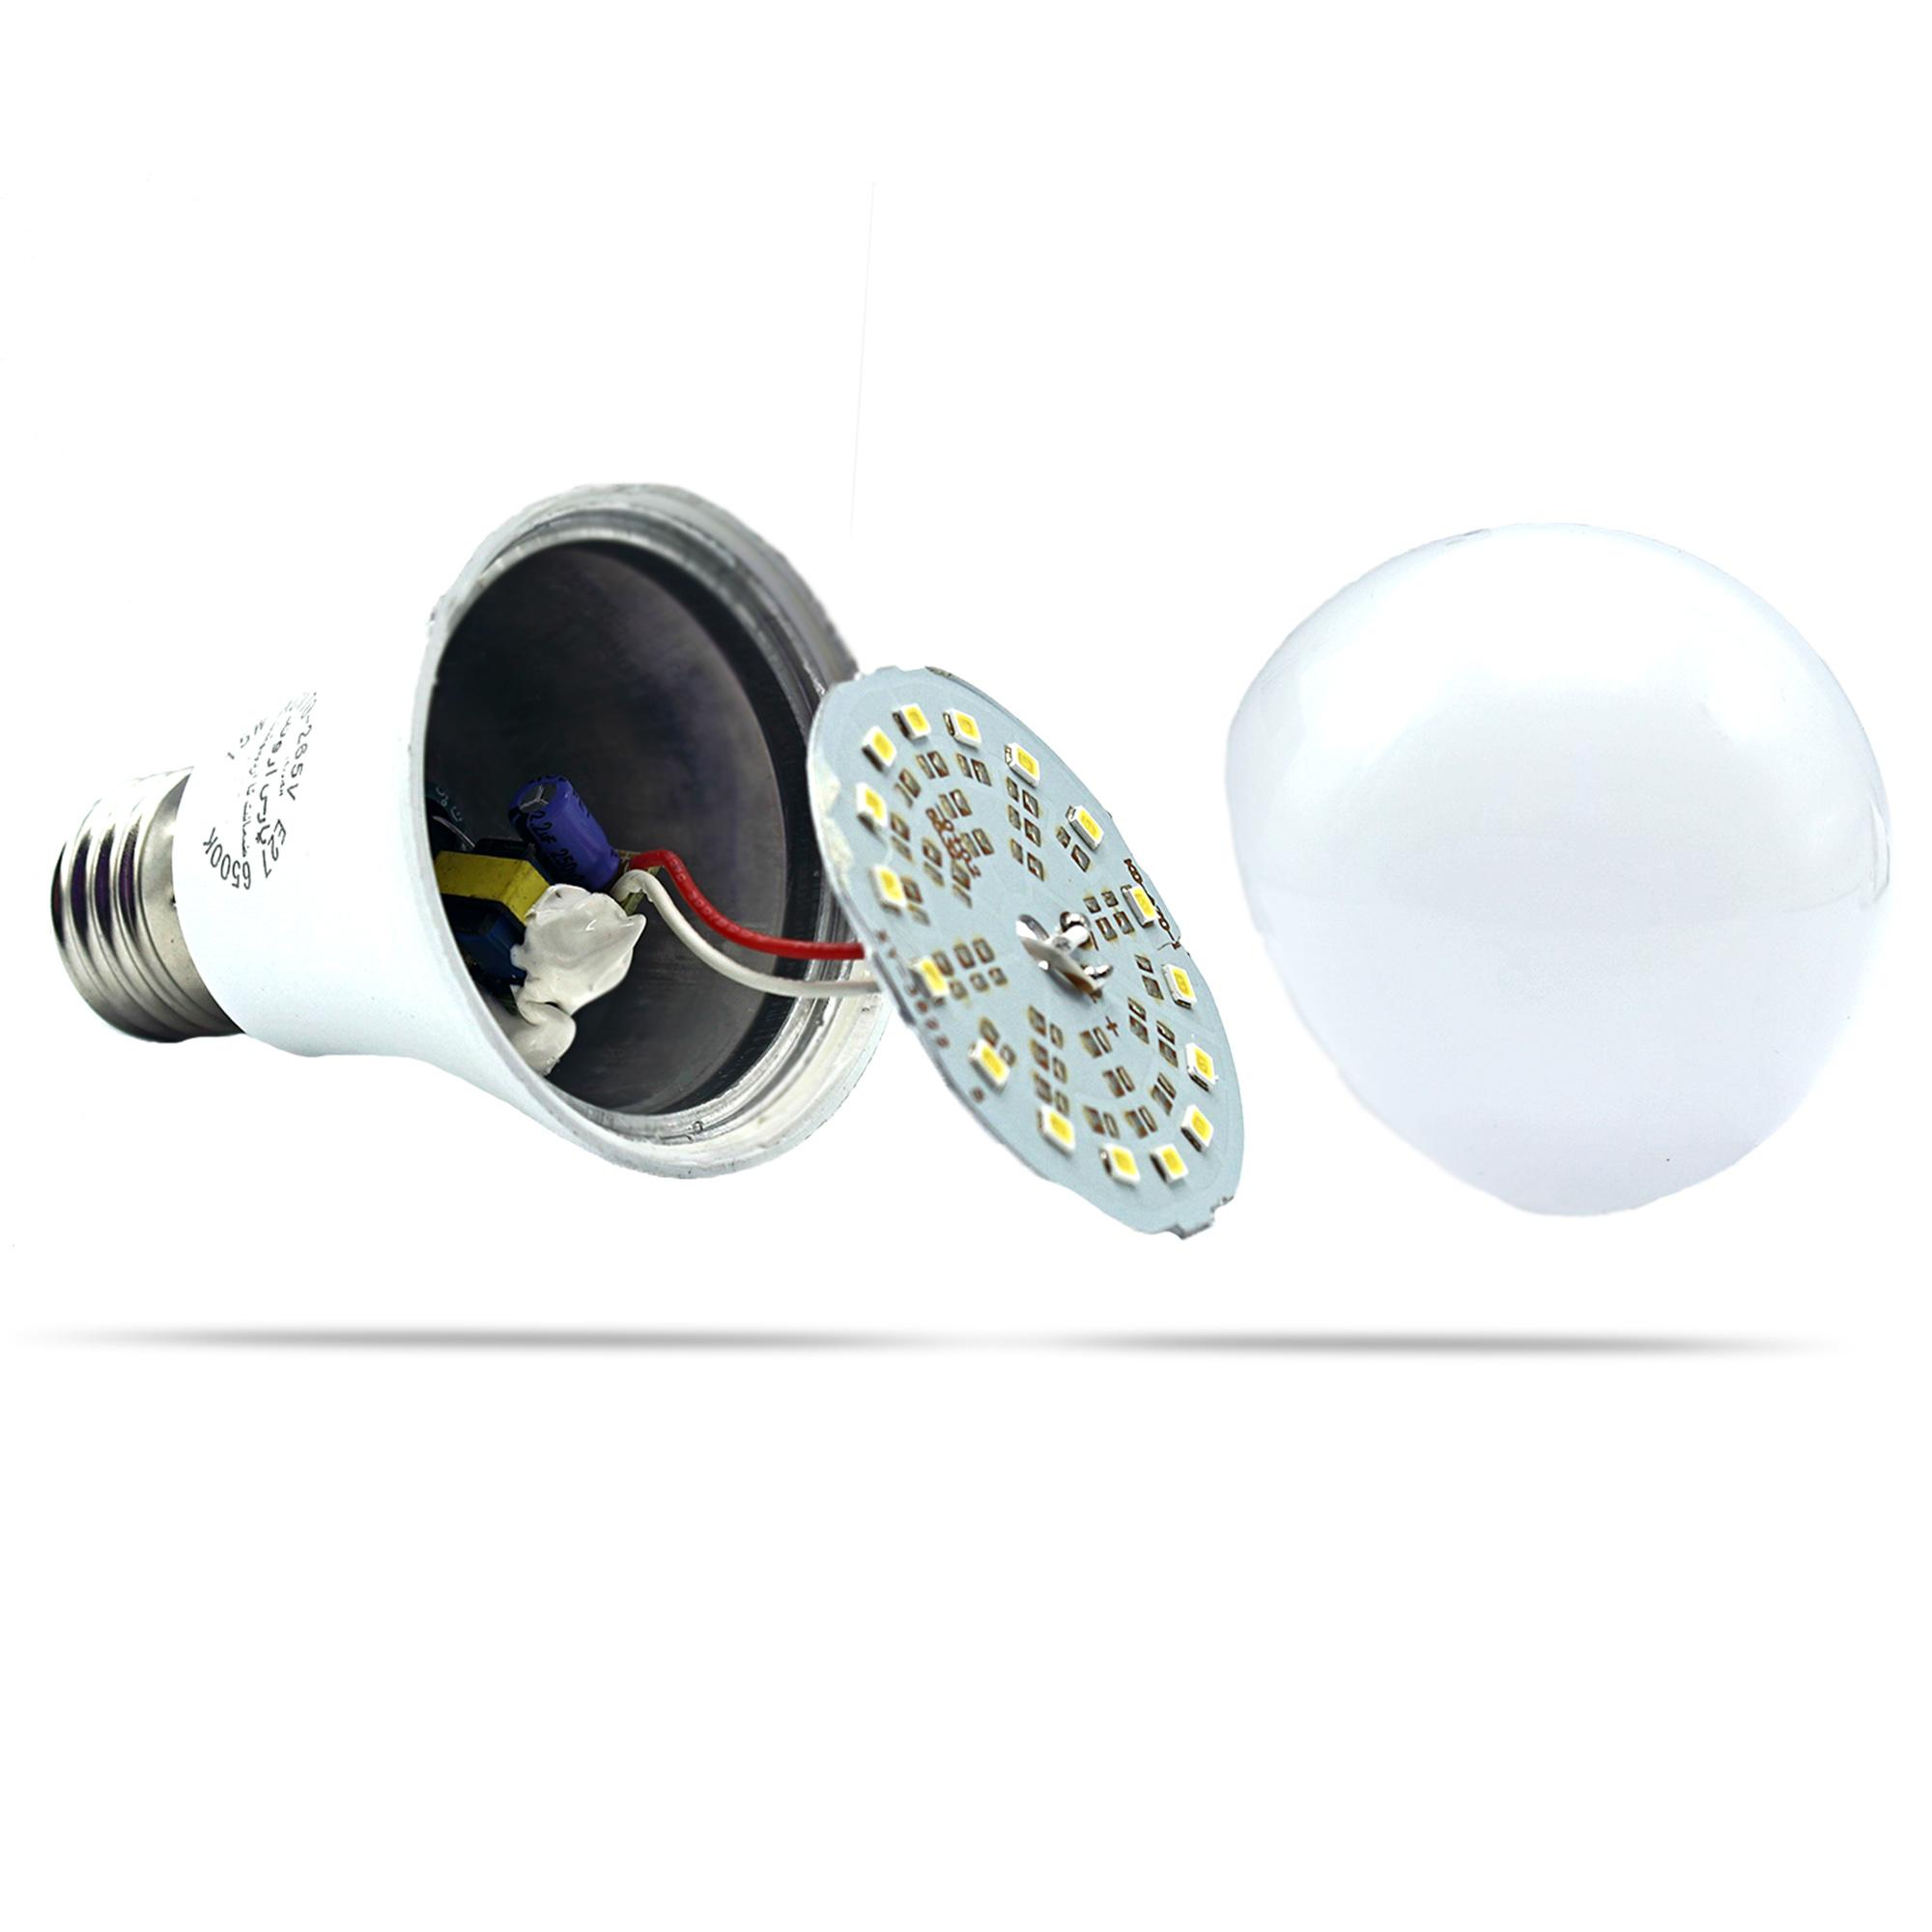 لامپ 20 وات پارس اروند الکتریک کد PA-AB20W پایه E27 بسته 5 عددی